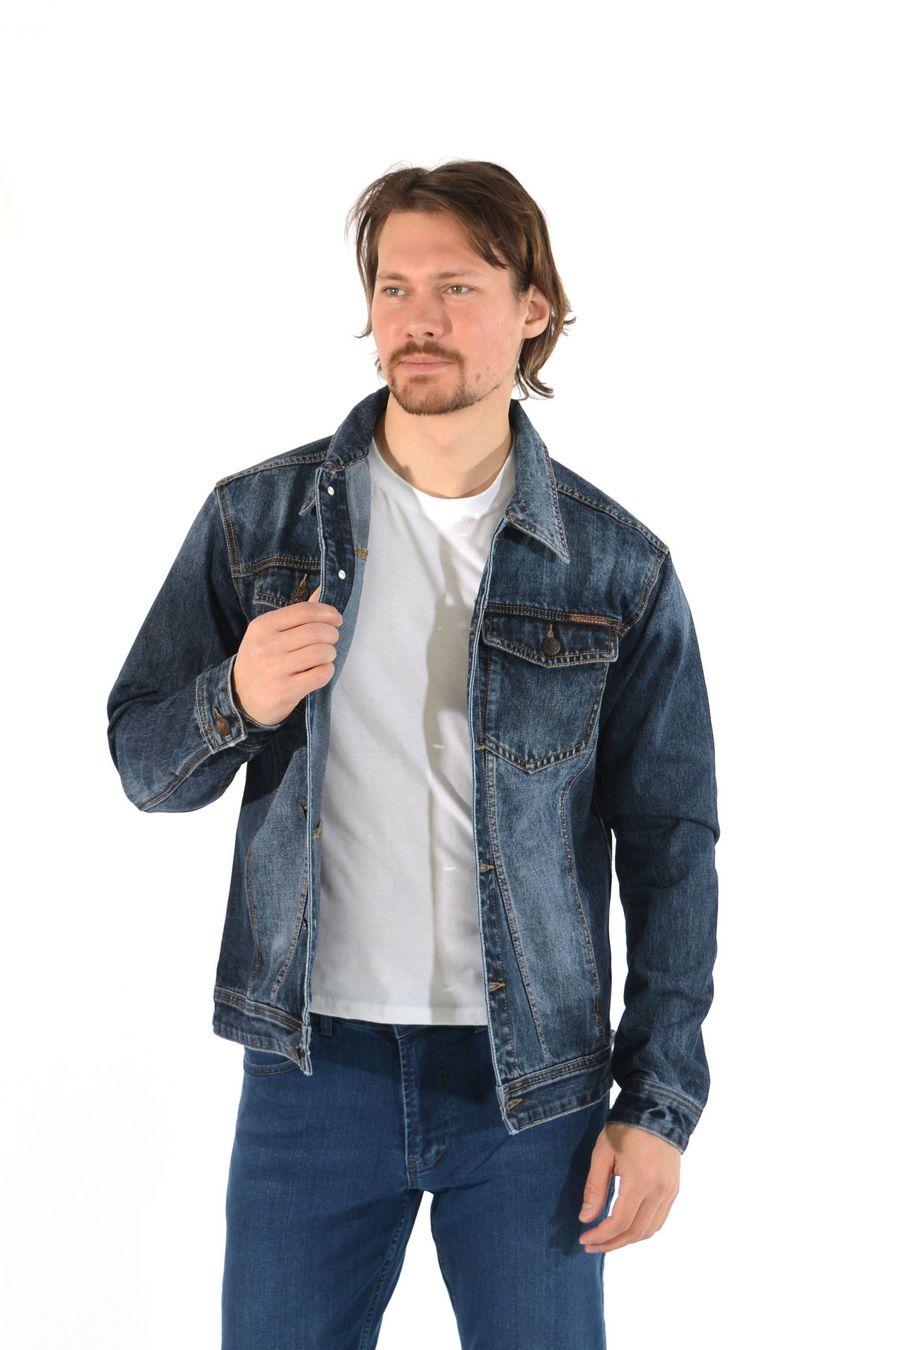 Пиджак мужской (джинсовка) Regass 87211/07 - фото 2